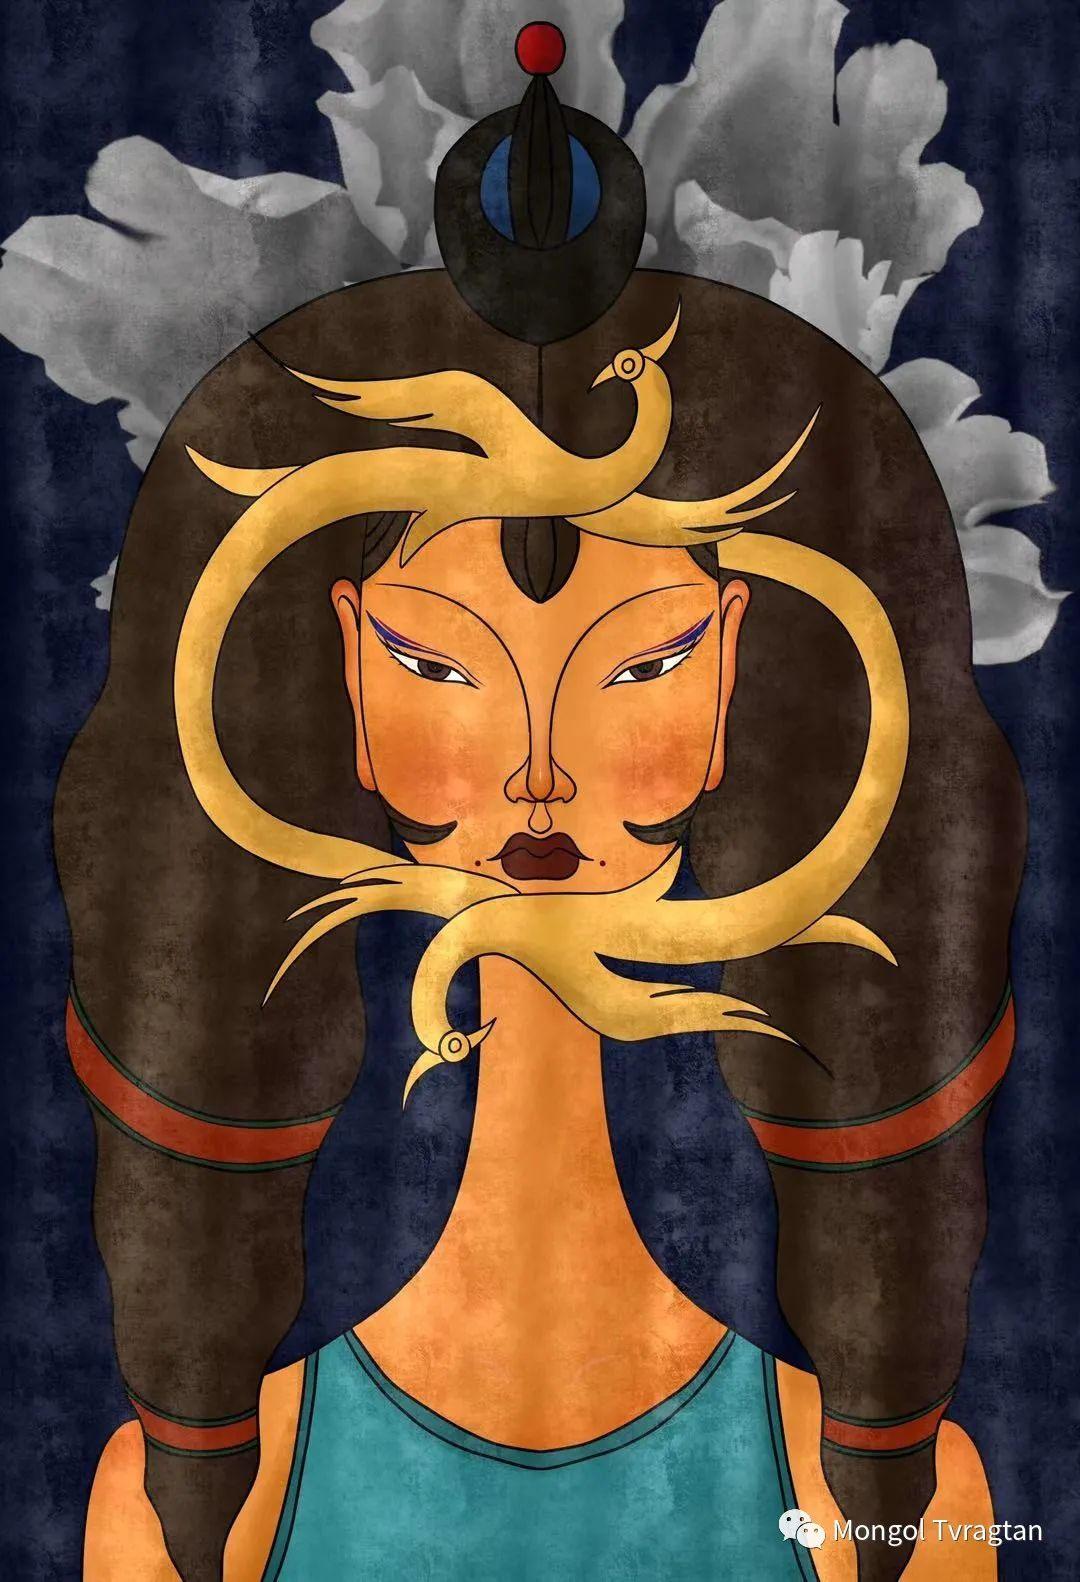 蒙元素插画师  产品设计师--格根塔娜 第1张 蒙元素插画师  产品设计师--格根塔娜 蒙古画廊